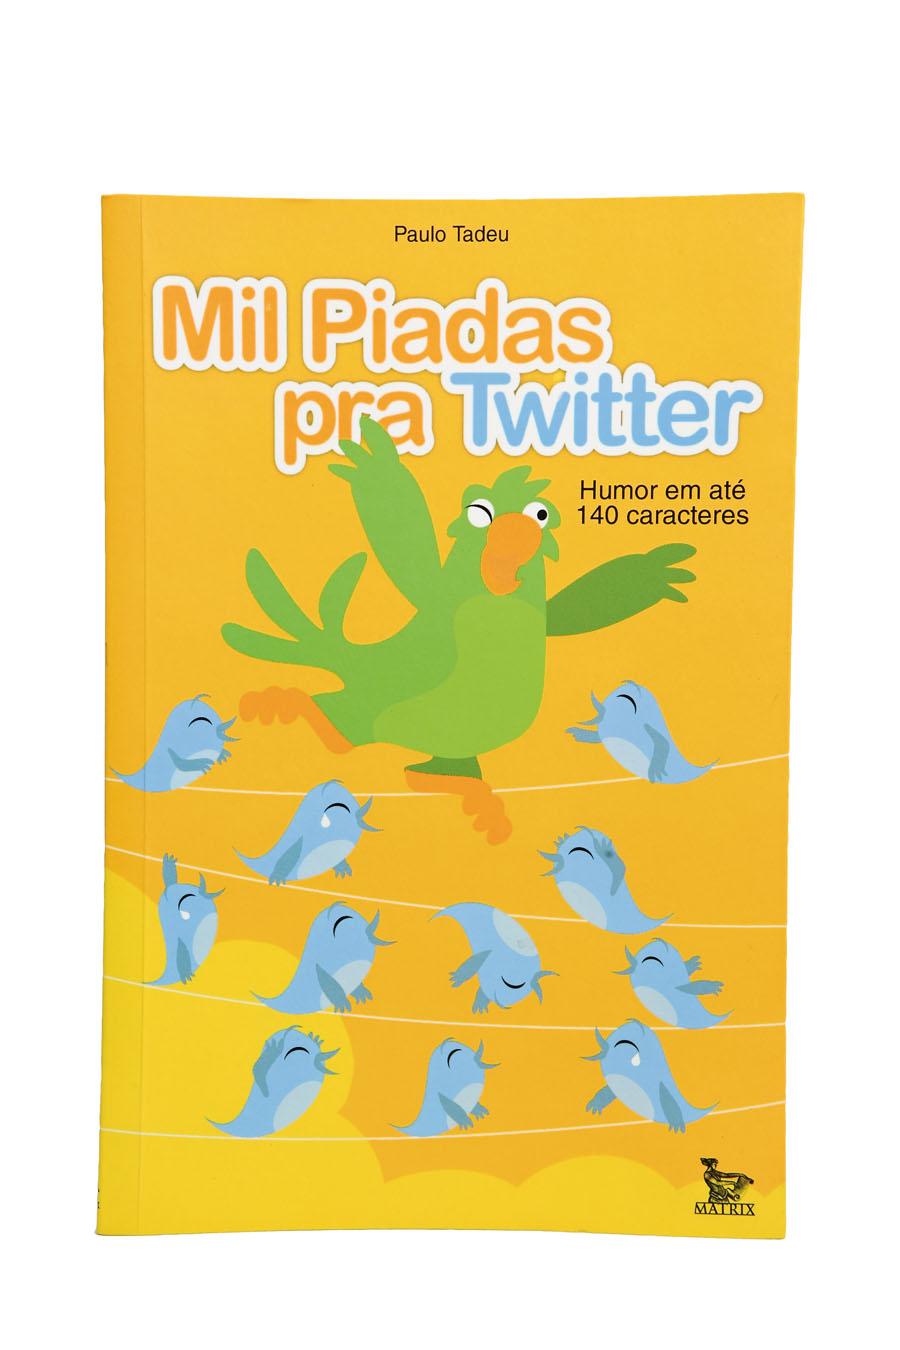 Mil Piadas pra Twitter - É do meu namorado, o escritor Paulo Tadeu.